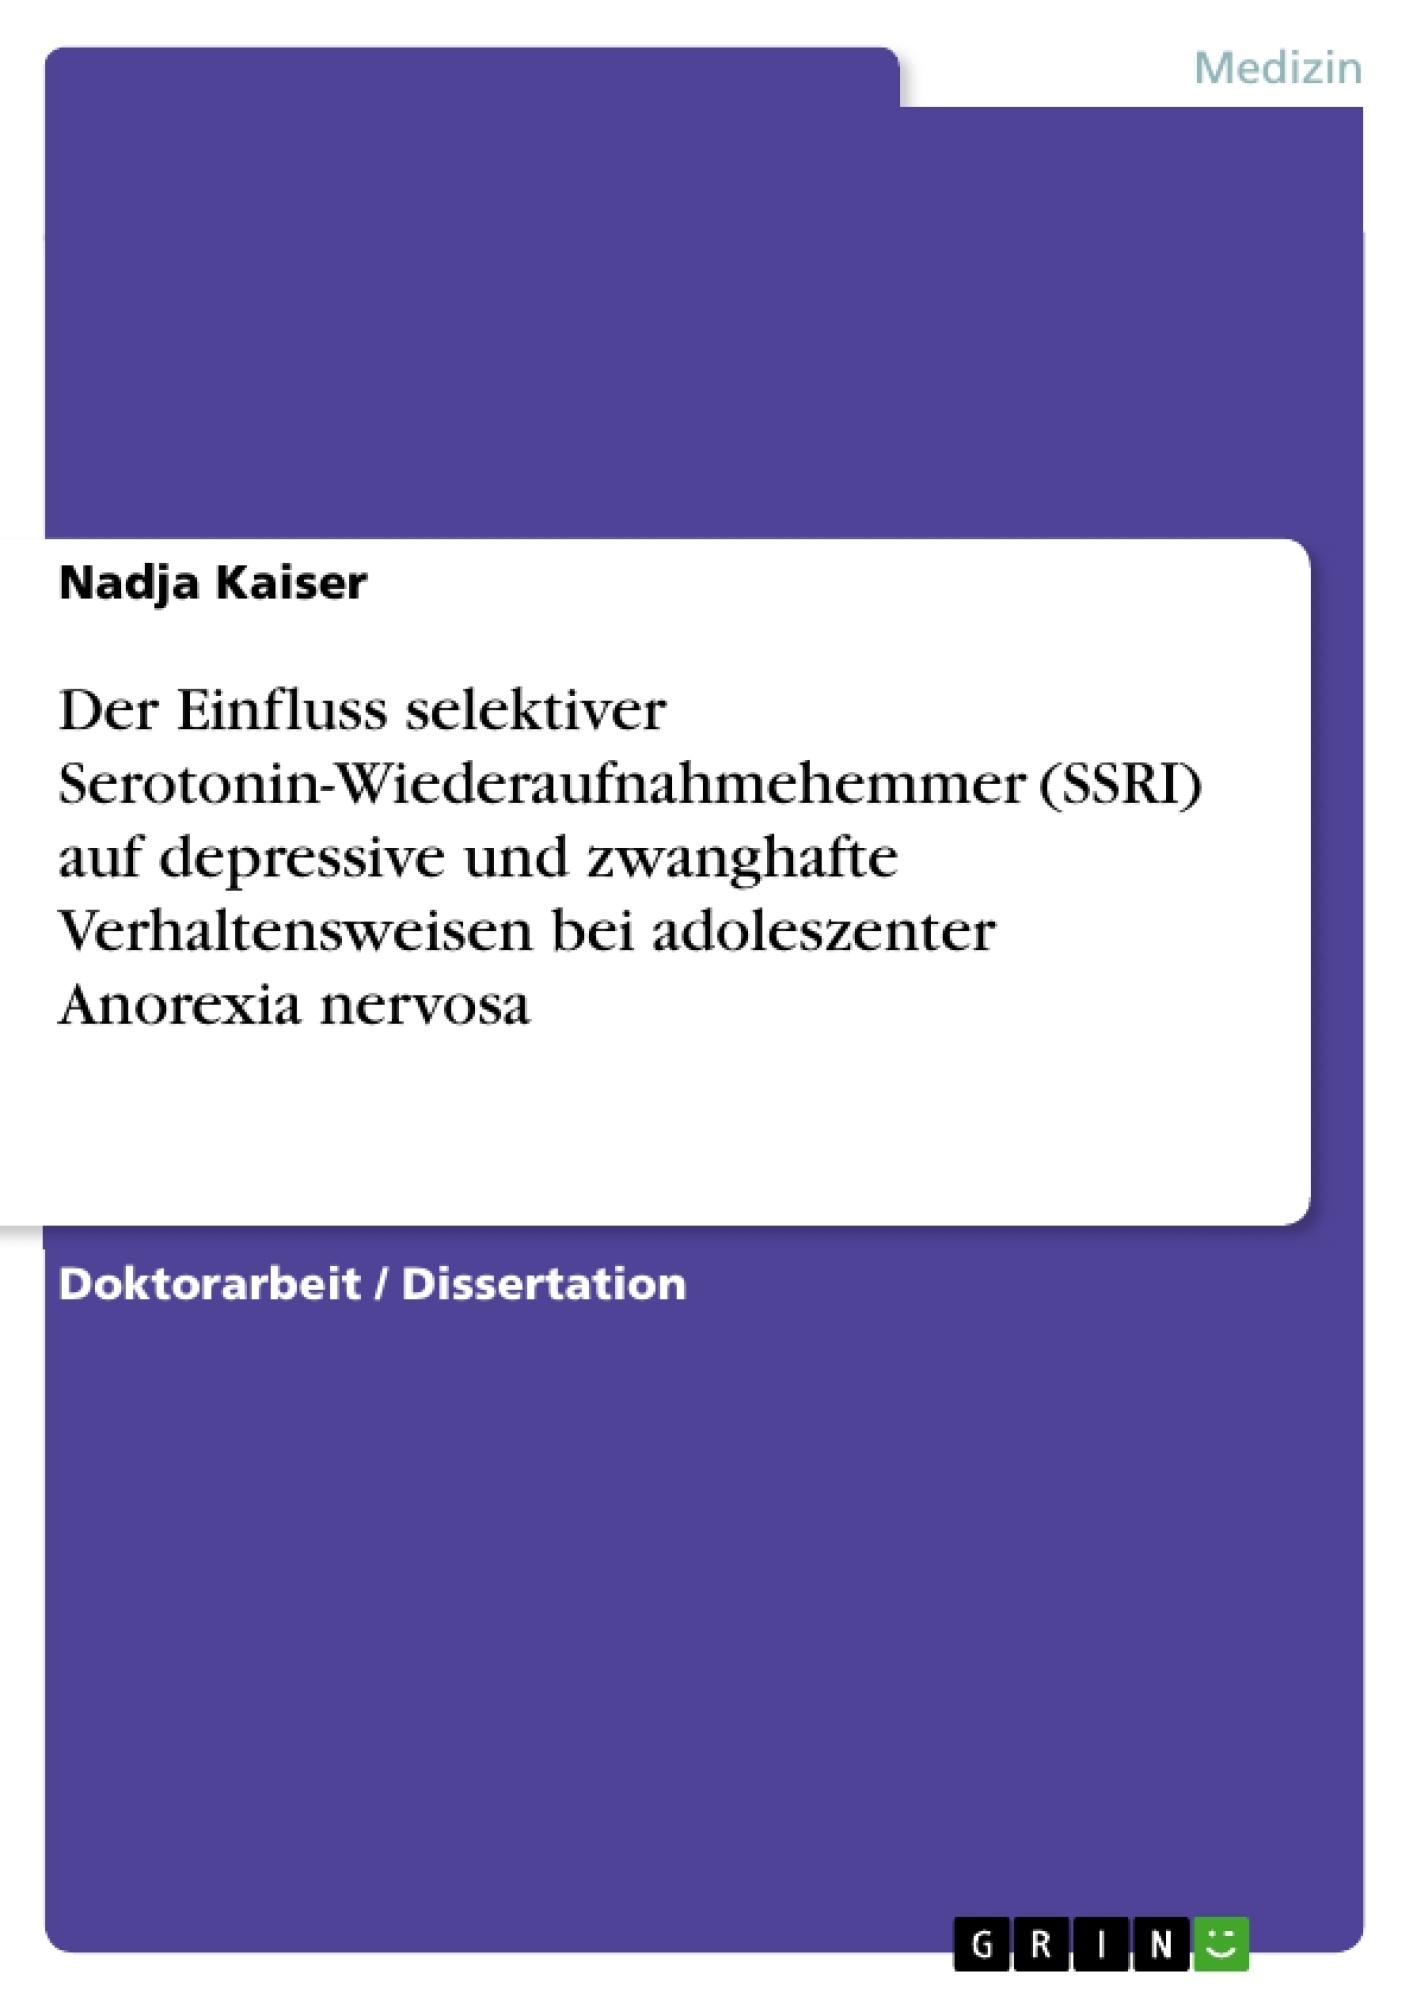 Titel: Der Einfluss selektiver Serotonin-Wiederaufnahmehemmer (SSRI) auf depressive und zwanghafte Verhaltensweisen bei adoleszenter Anorexia nervosa